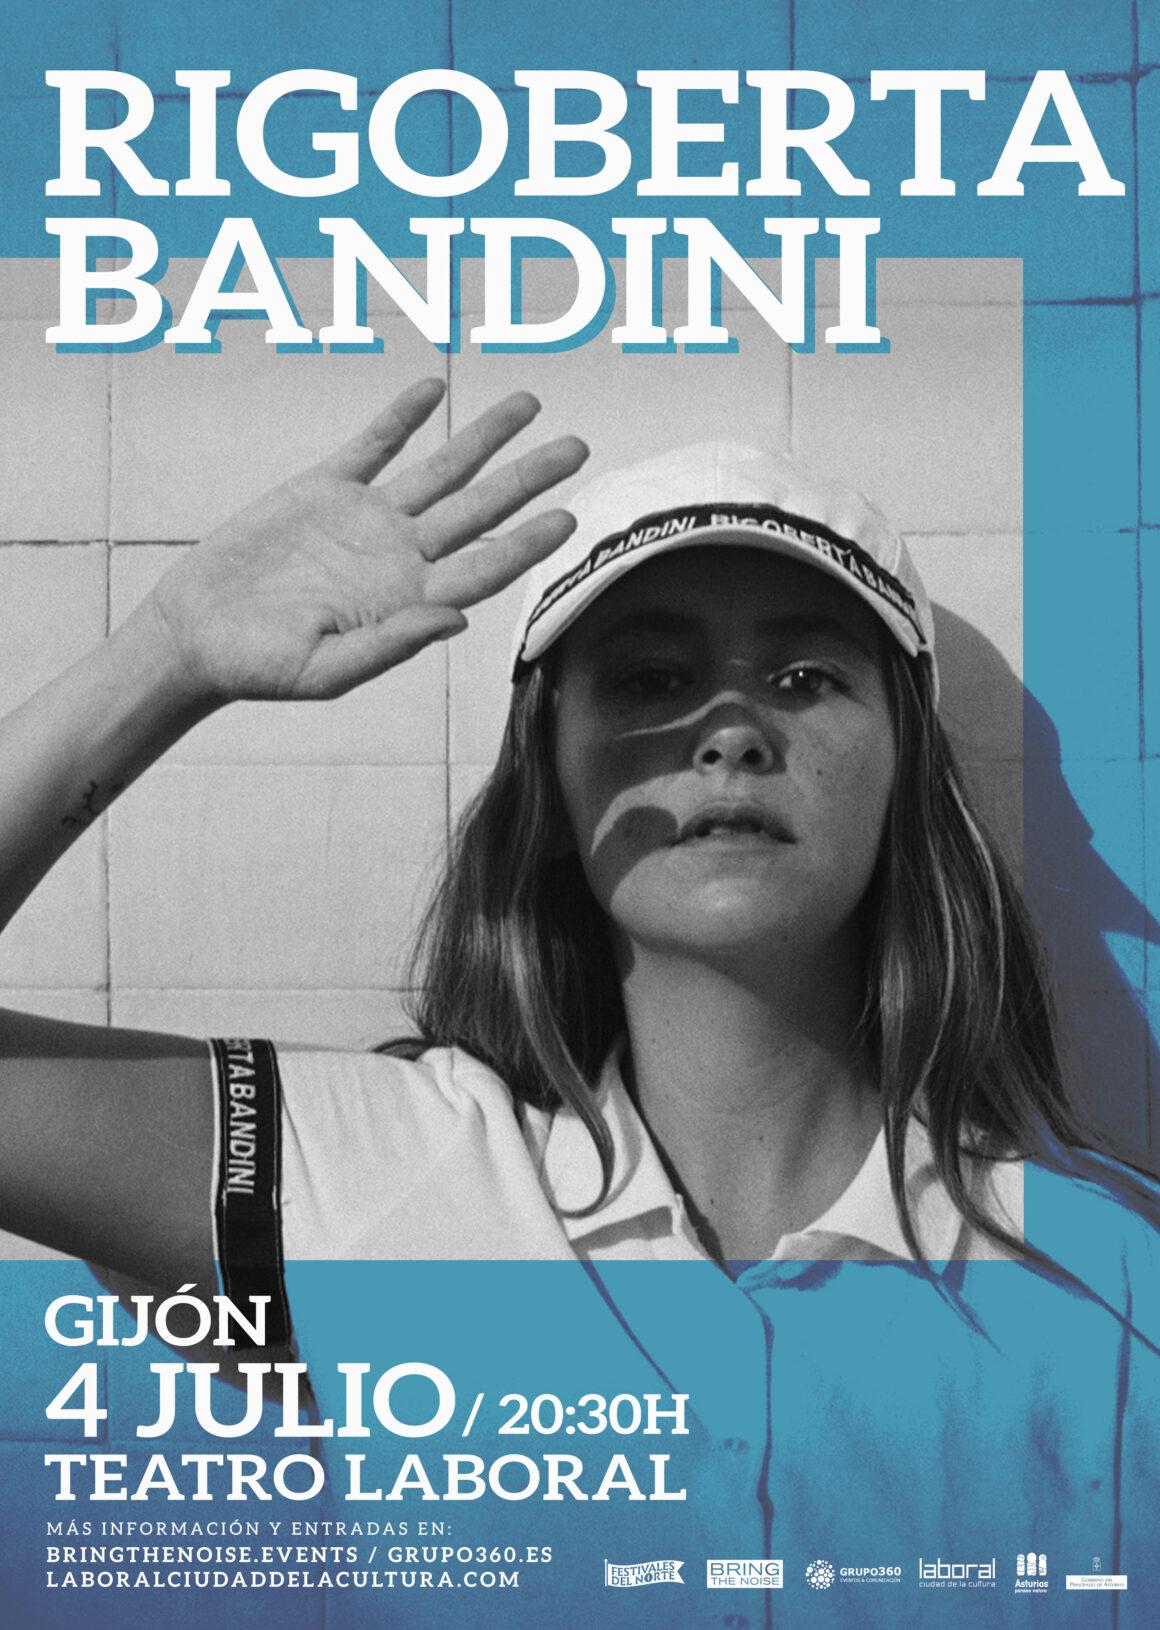 Rigoberta Bandini se estrena en Asturias el 4 de julio en el Teatro de Laboral Ciudad de La Cultura.